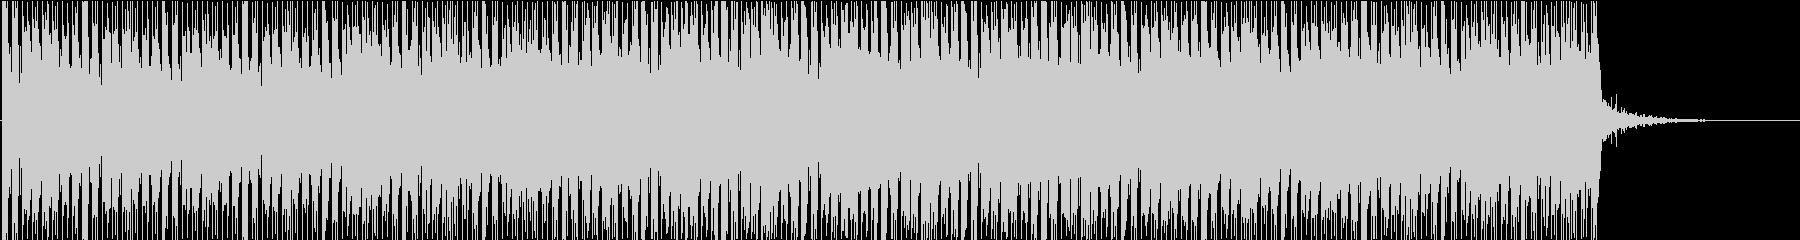 ニュース的なBGMの未再生の波形